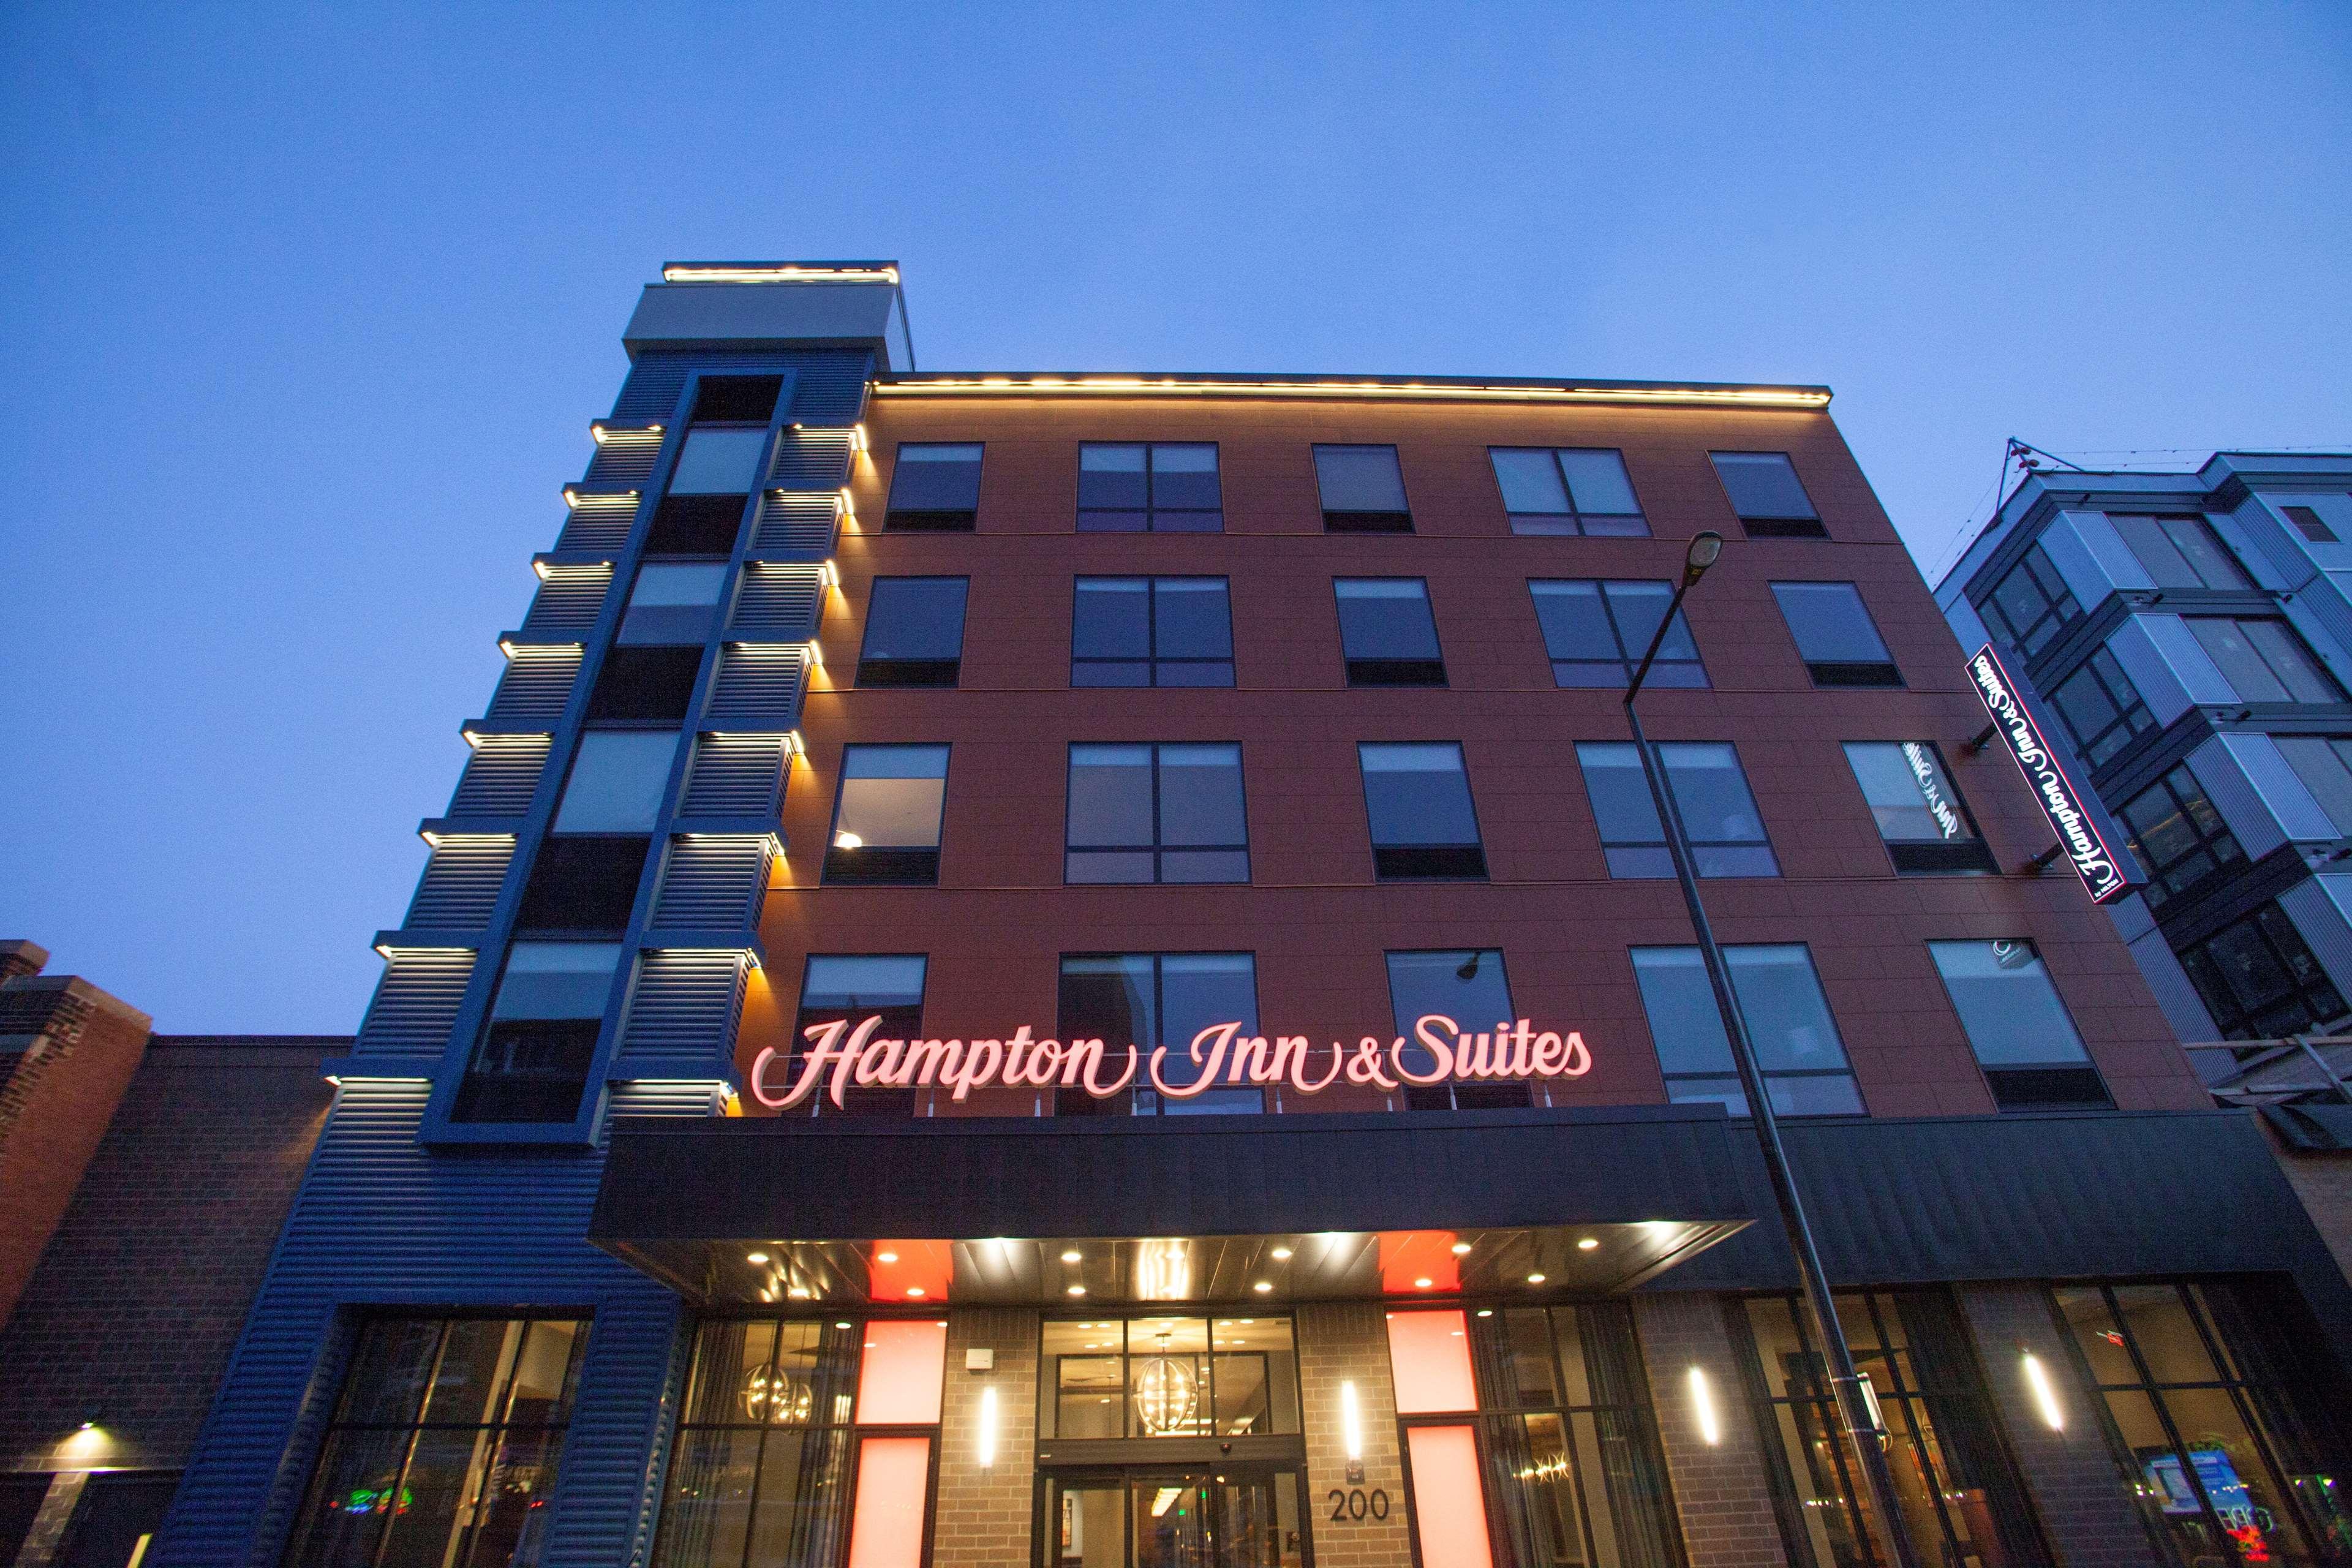 Hampton Inn & Suites Downtown St. Paul image 0